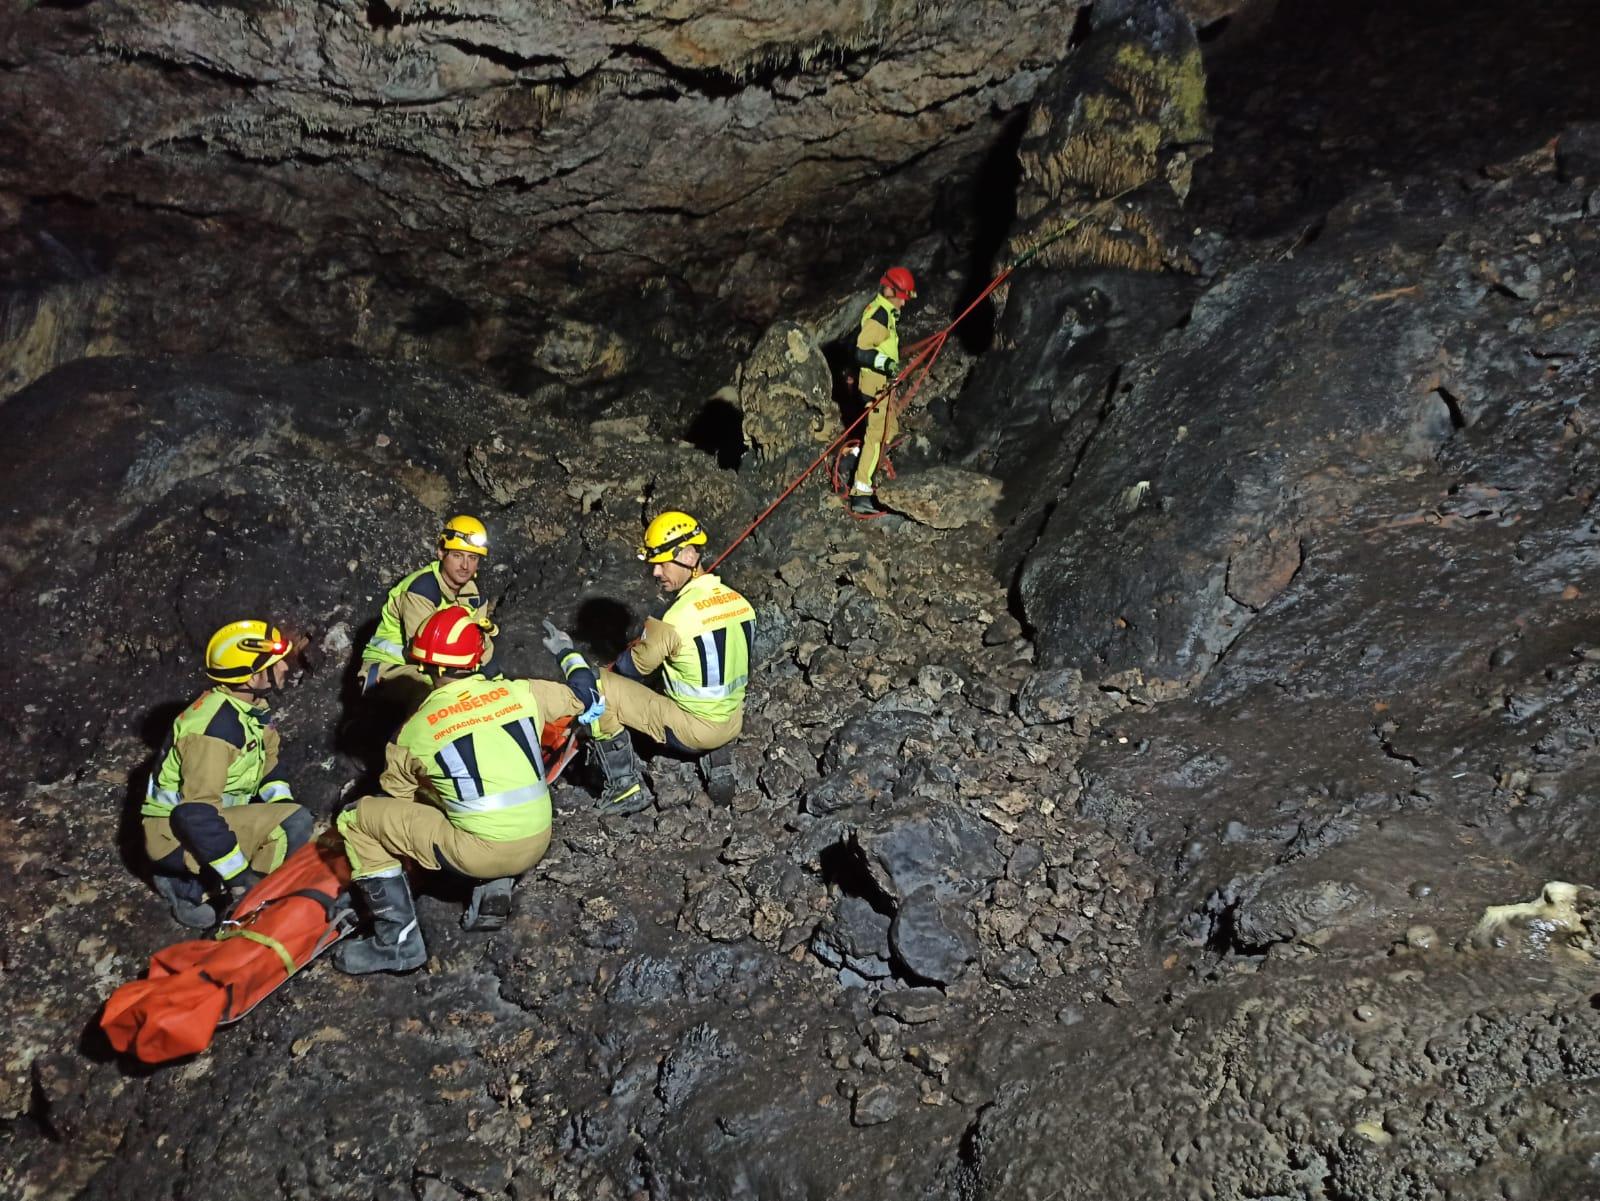 Los Bomberos de Cuenca rescataron a una mujer en la Cueva de la Judía. cueva en Cuenca